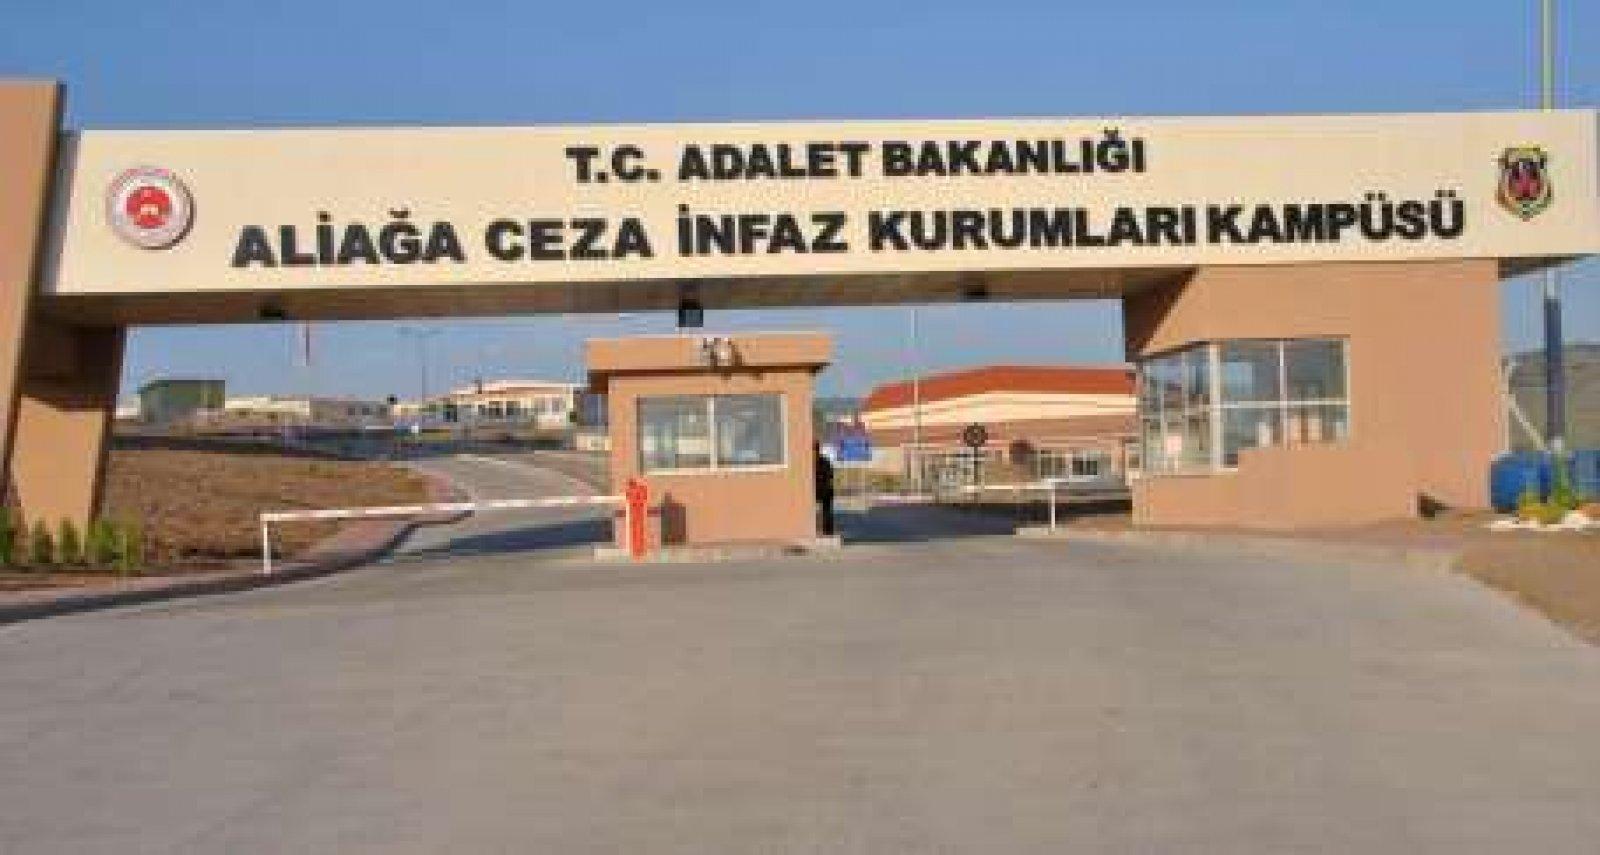 İzmir Aliağa Cezaevi